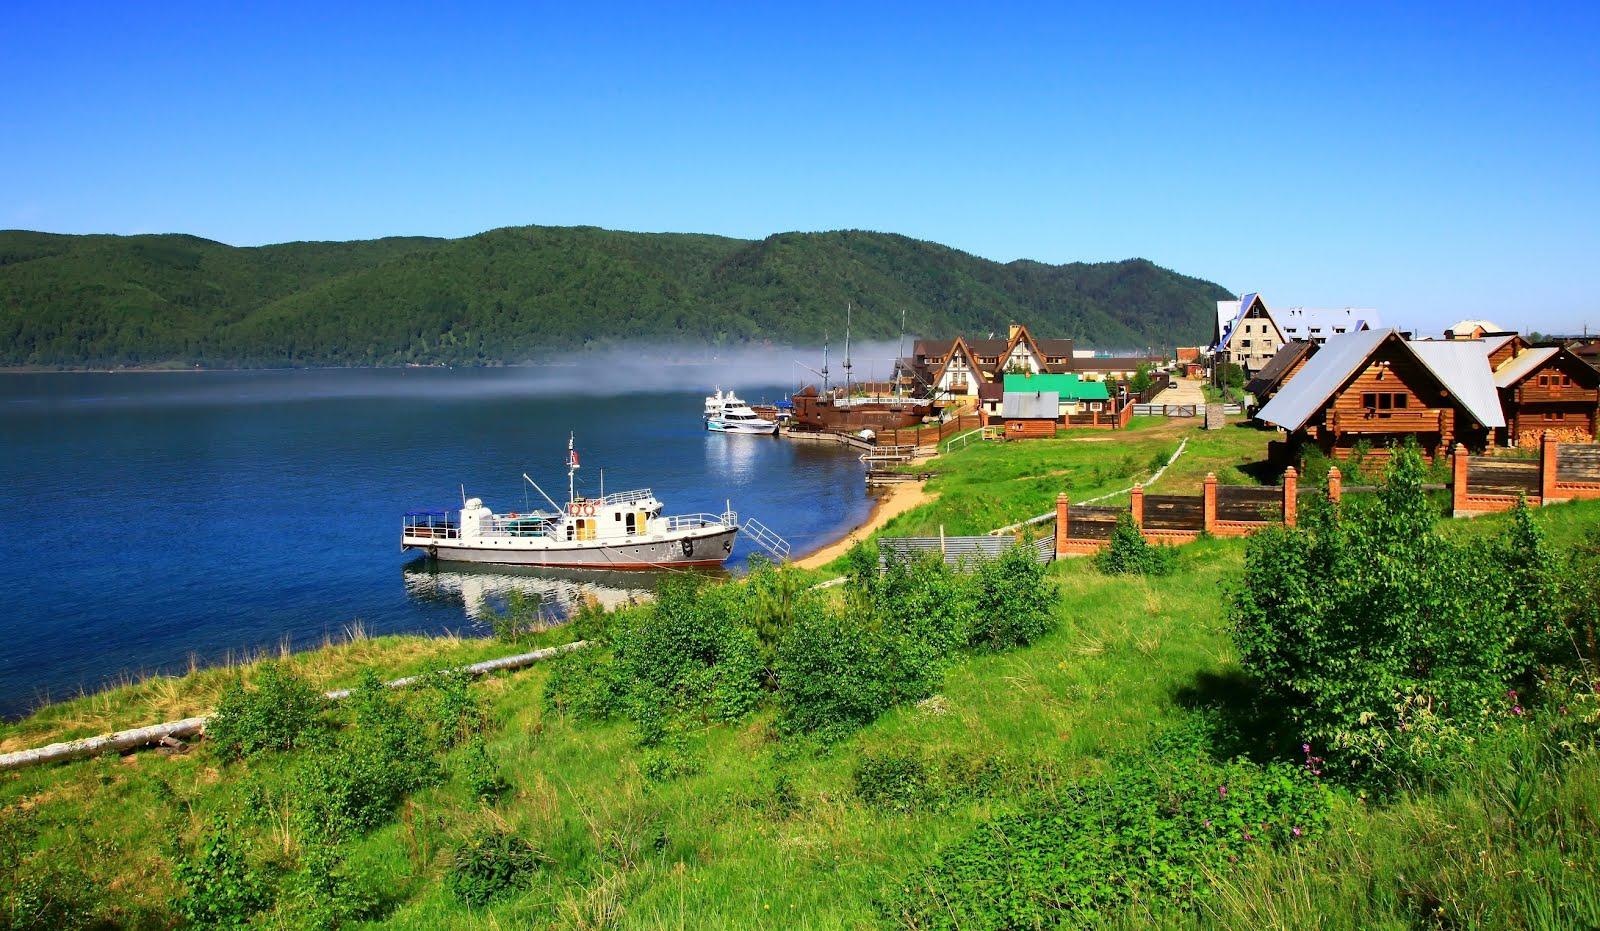 俄罗斯贝加尔湖+奥利洪岛8天深度之旅